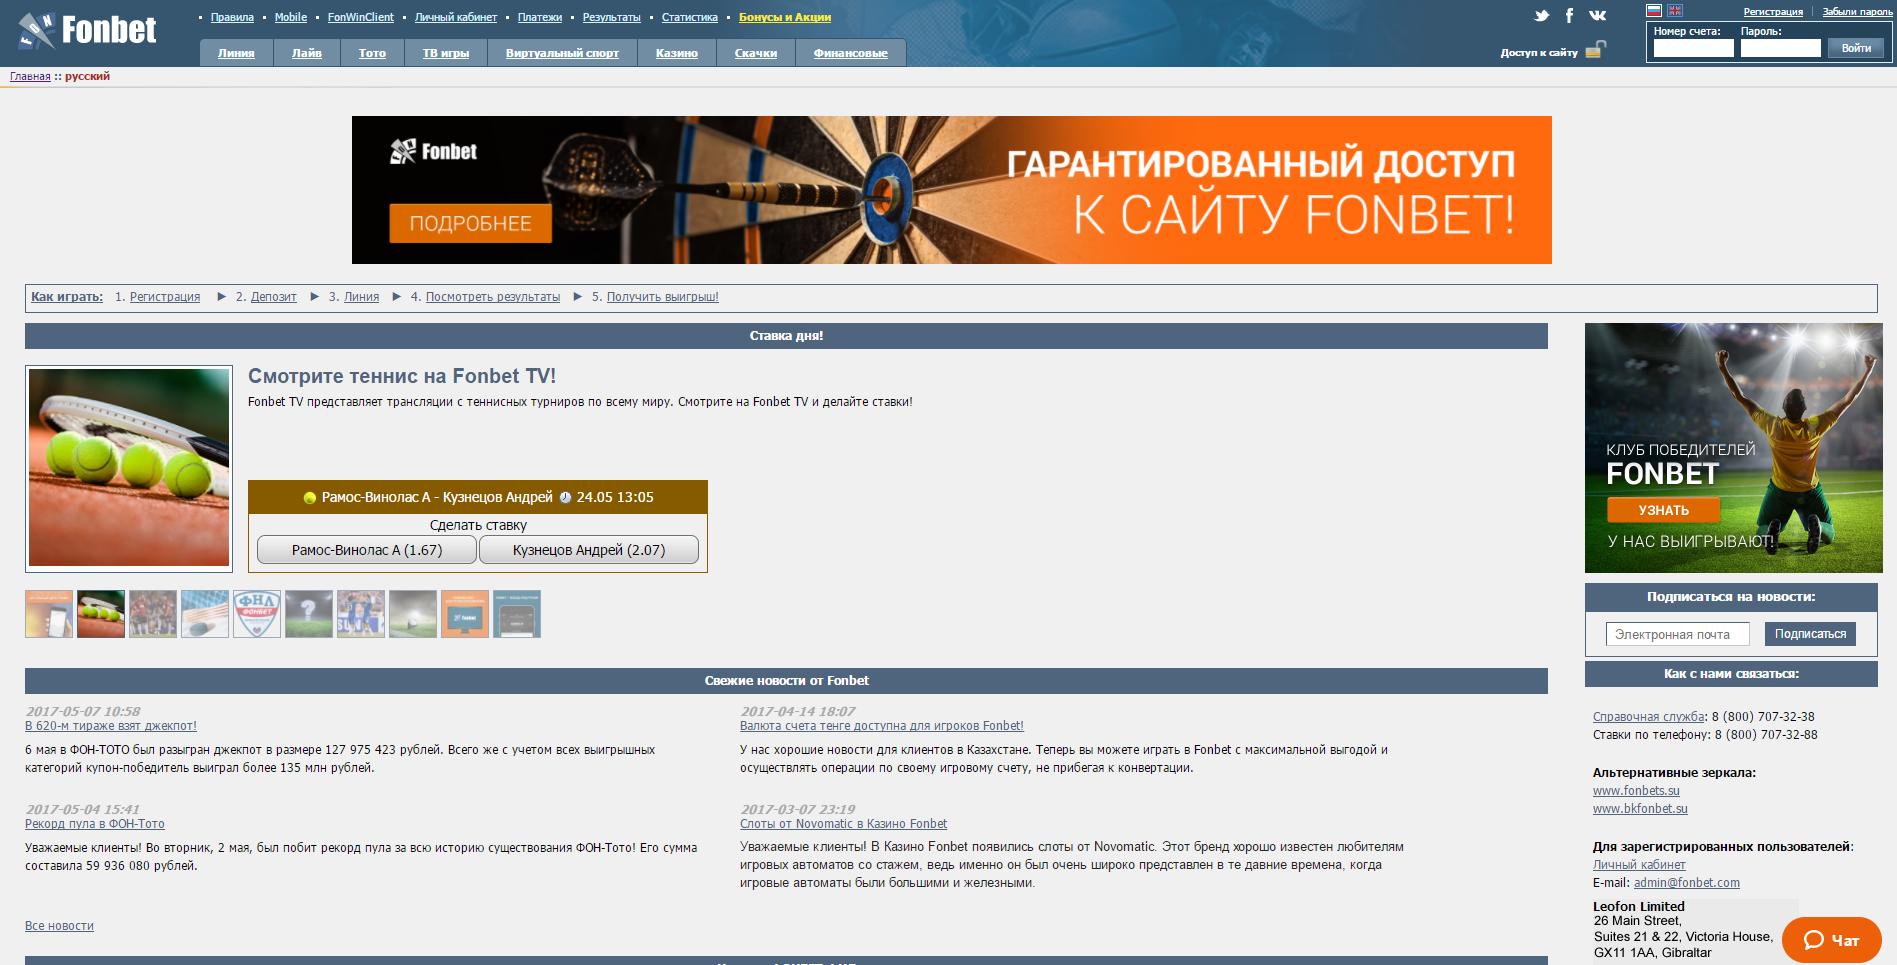 Официальный сайт букмекерской конторы Фонбет